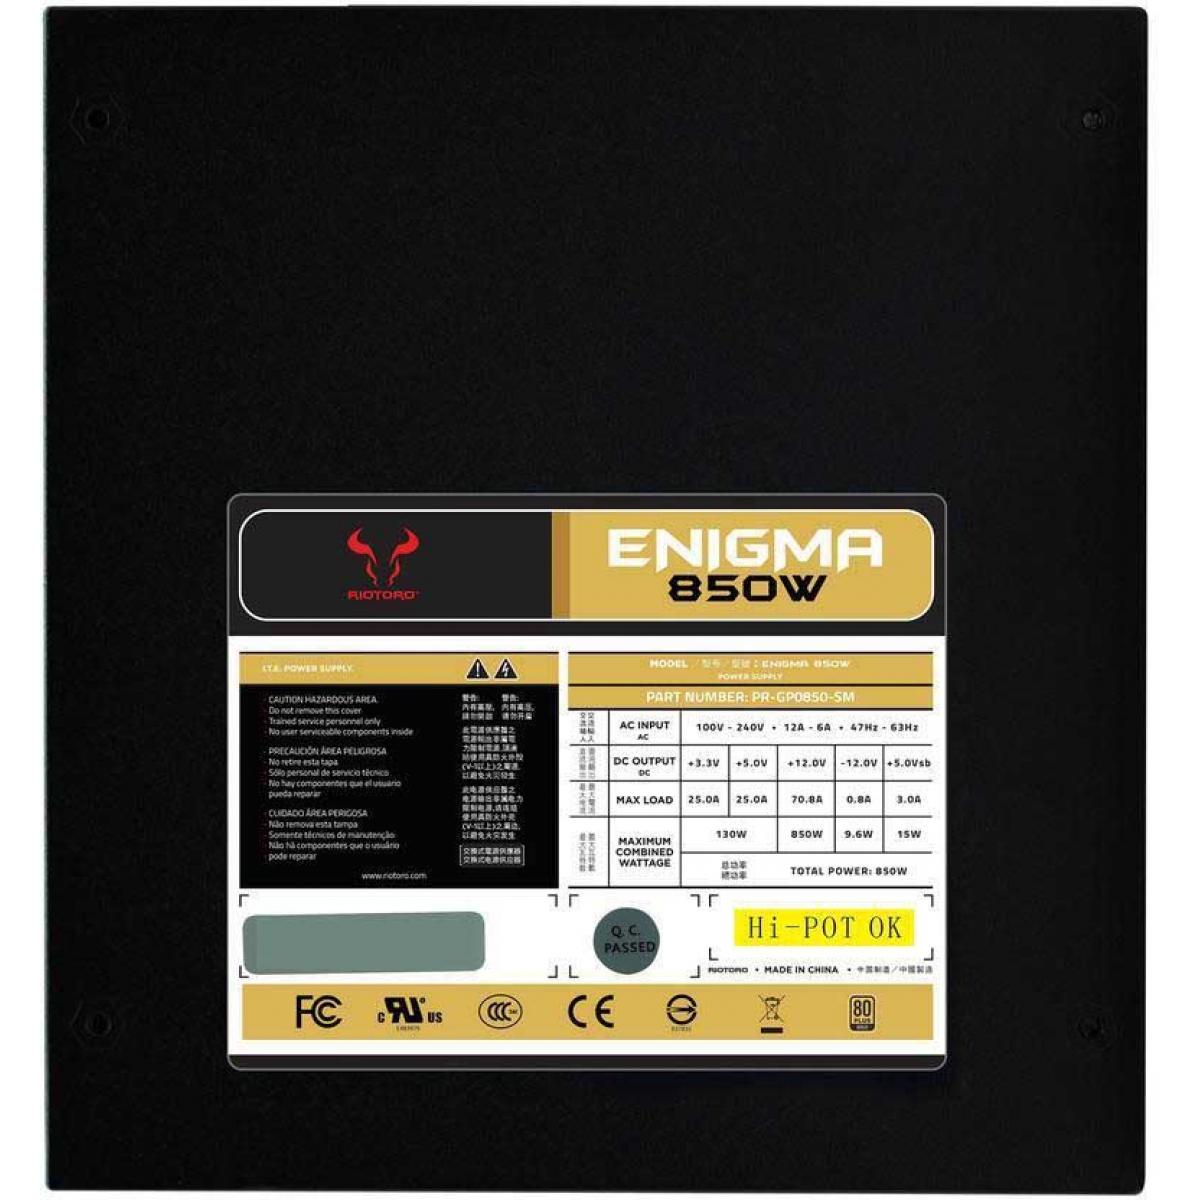 Fonte Riotoro Enigma 850W, 80 Plus Gold, PFC Ativo, Semi Modular, PR-GP0850-SM